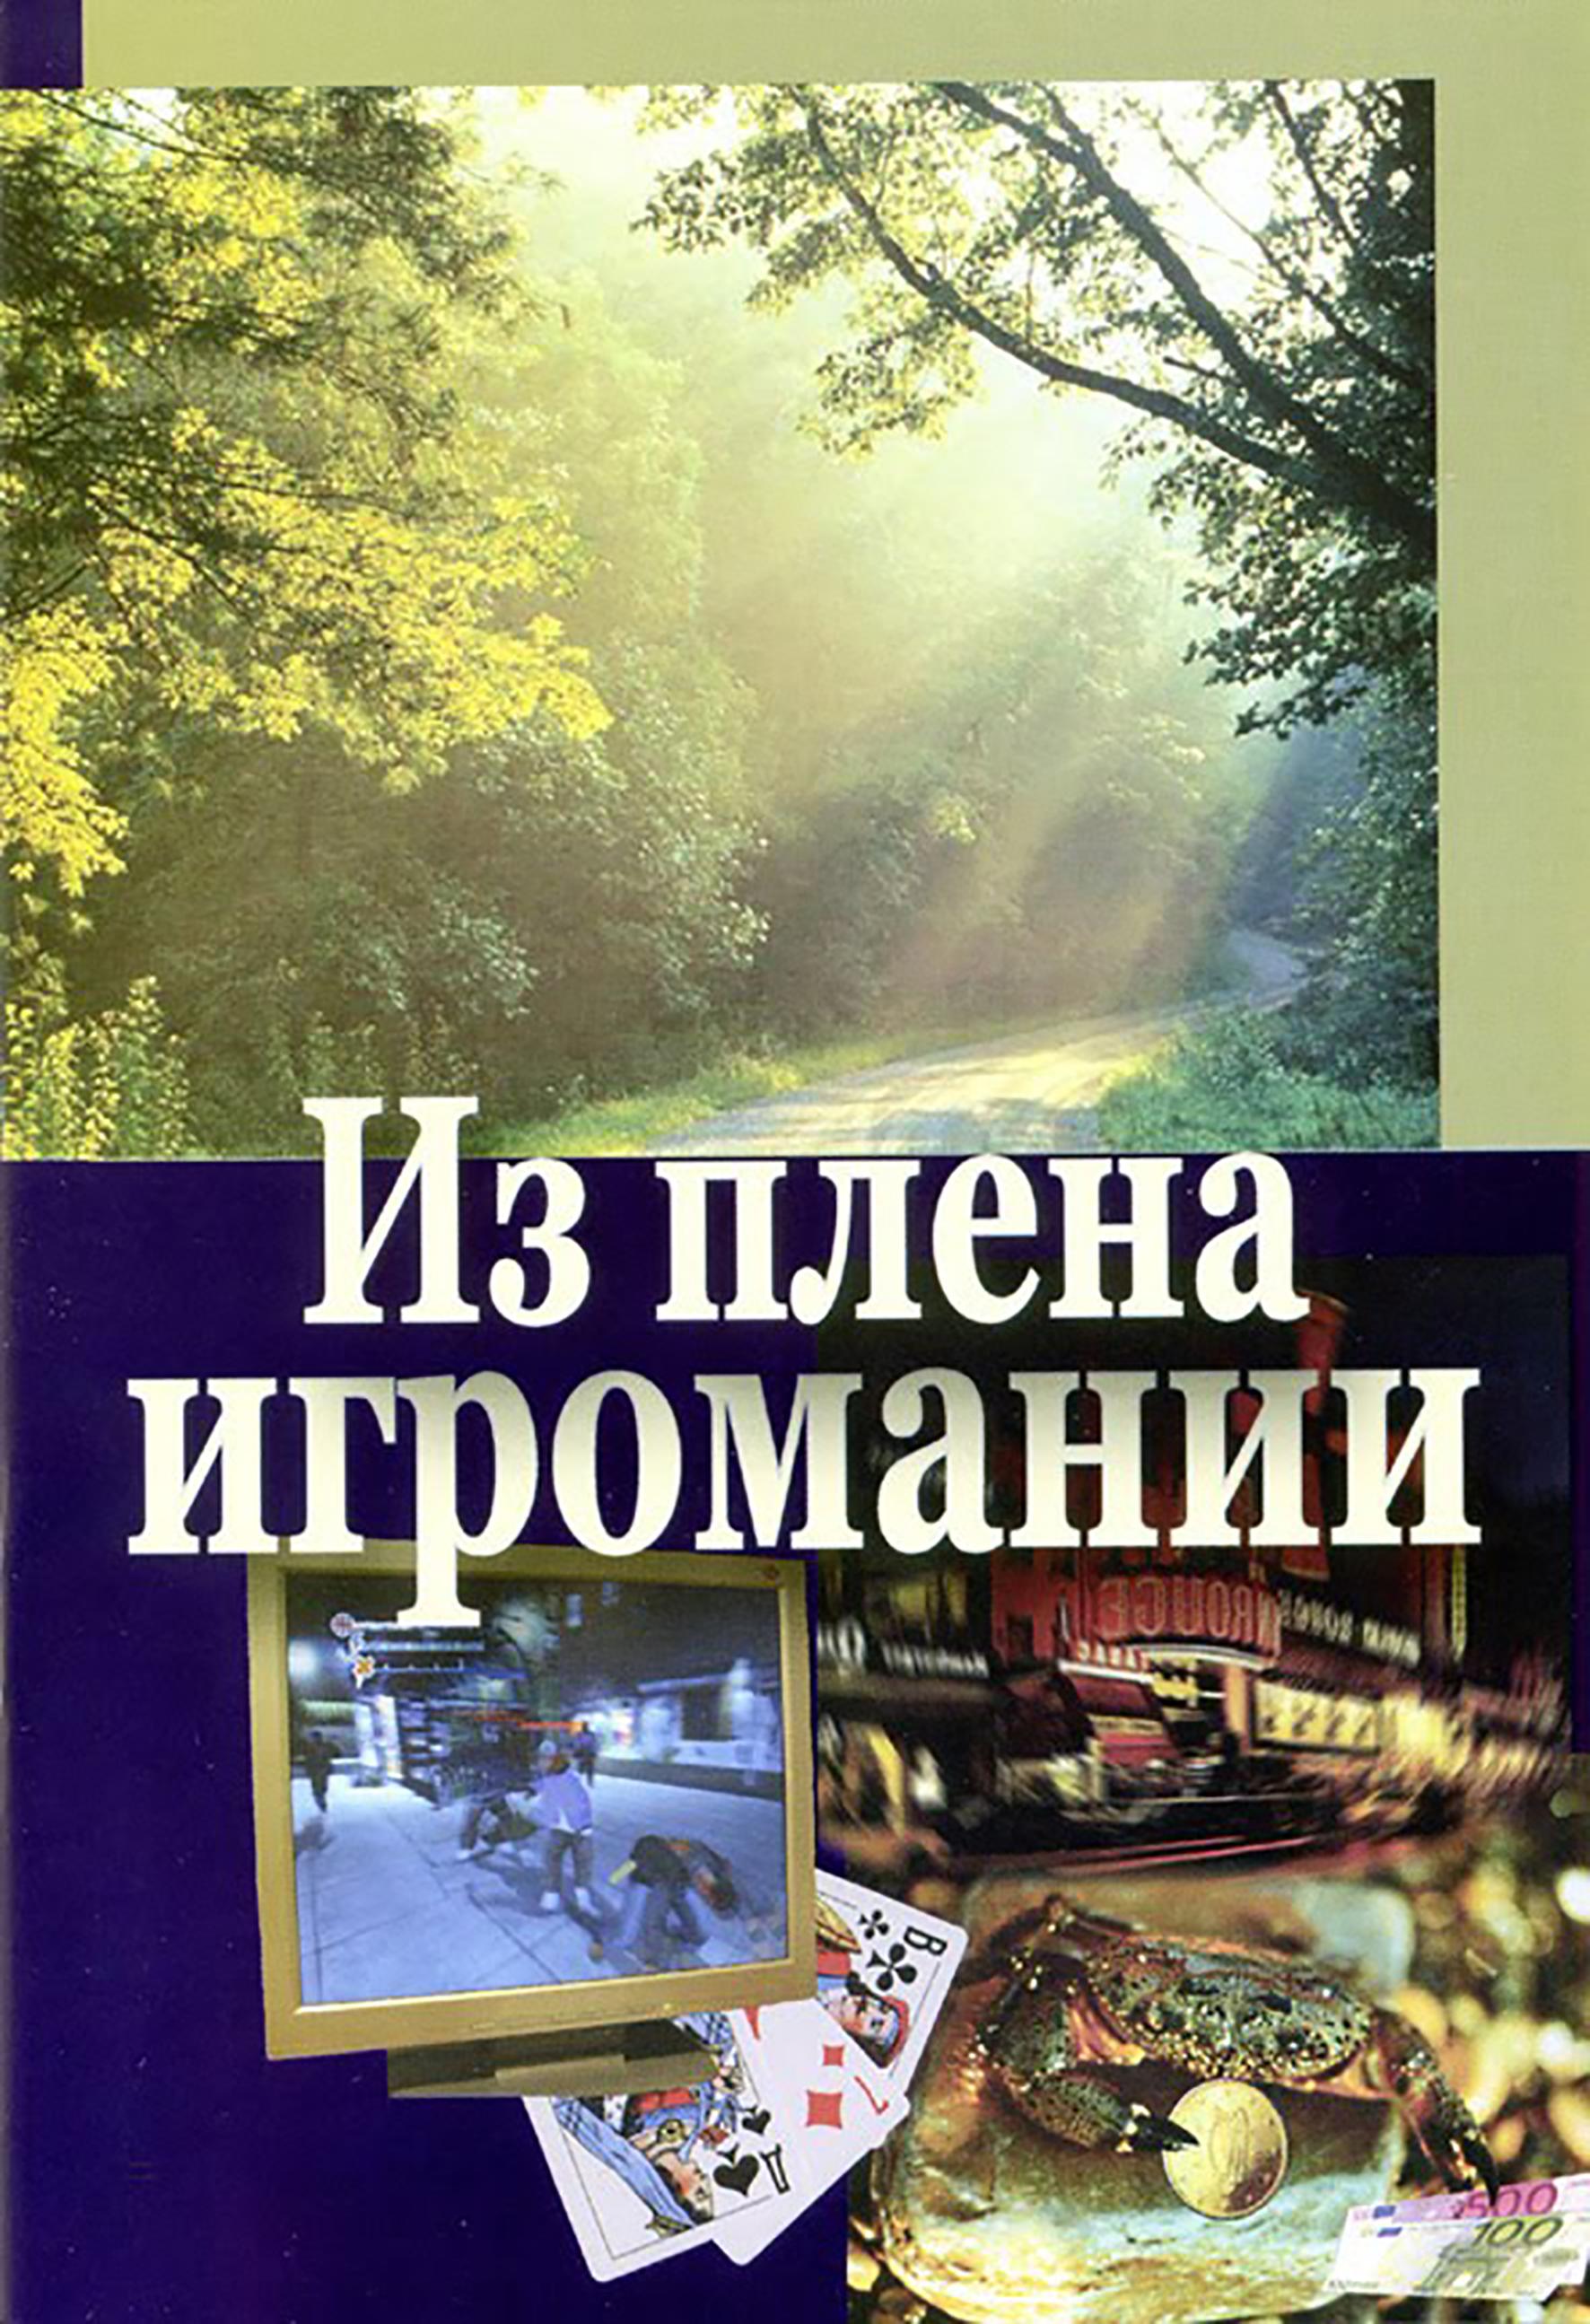 Купить книгу Из плена игромании, автора Владимира Цыганкова